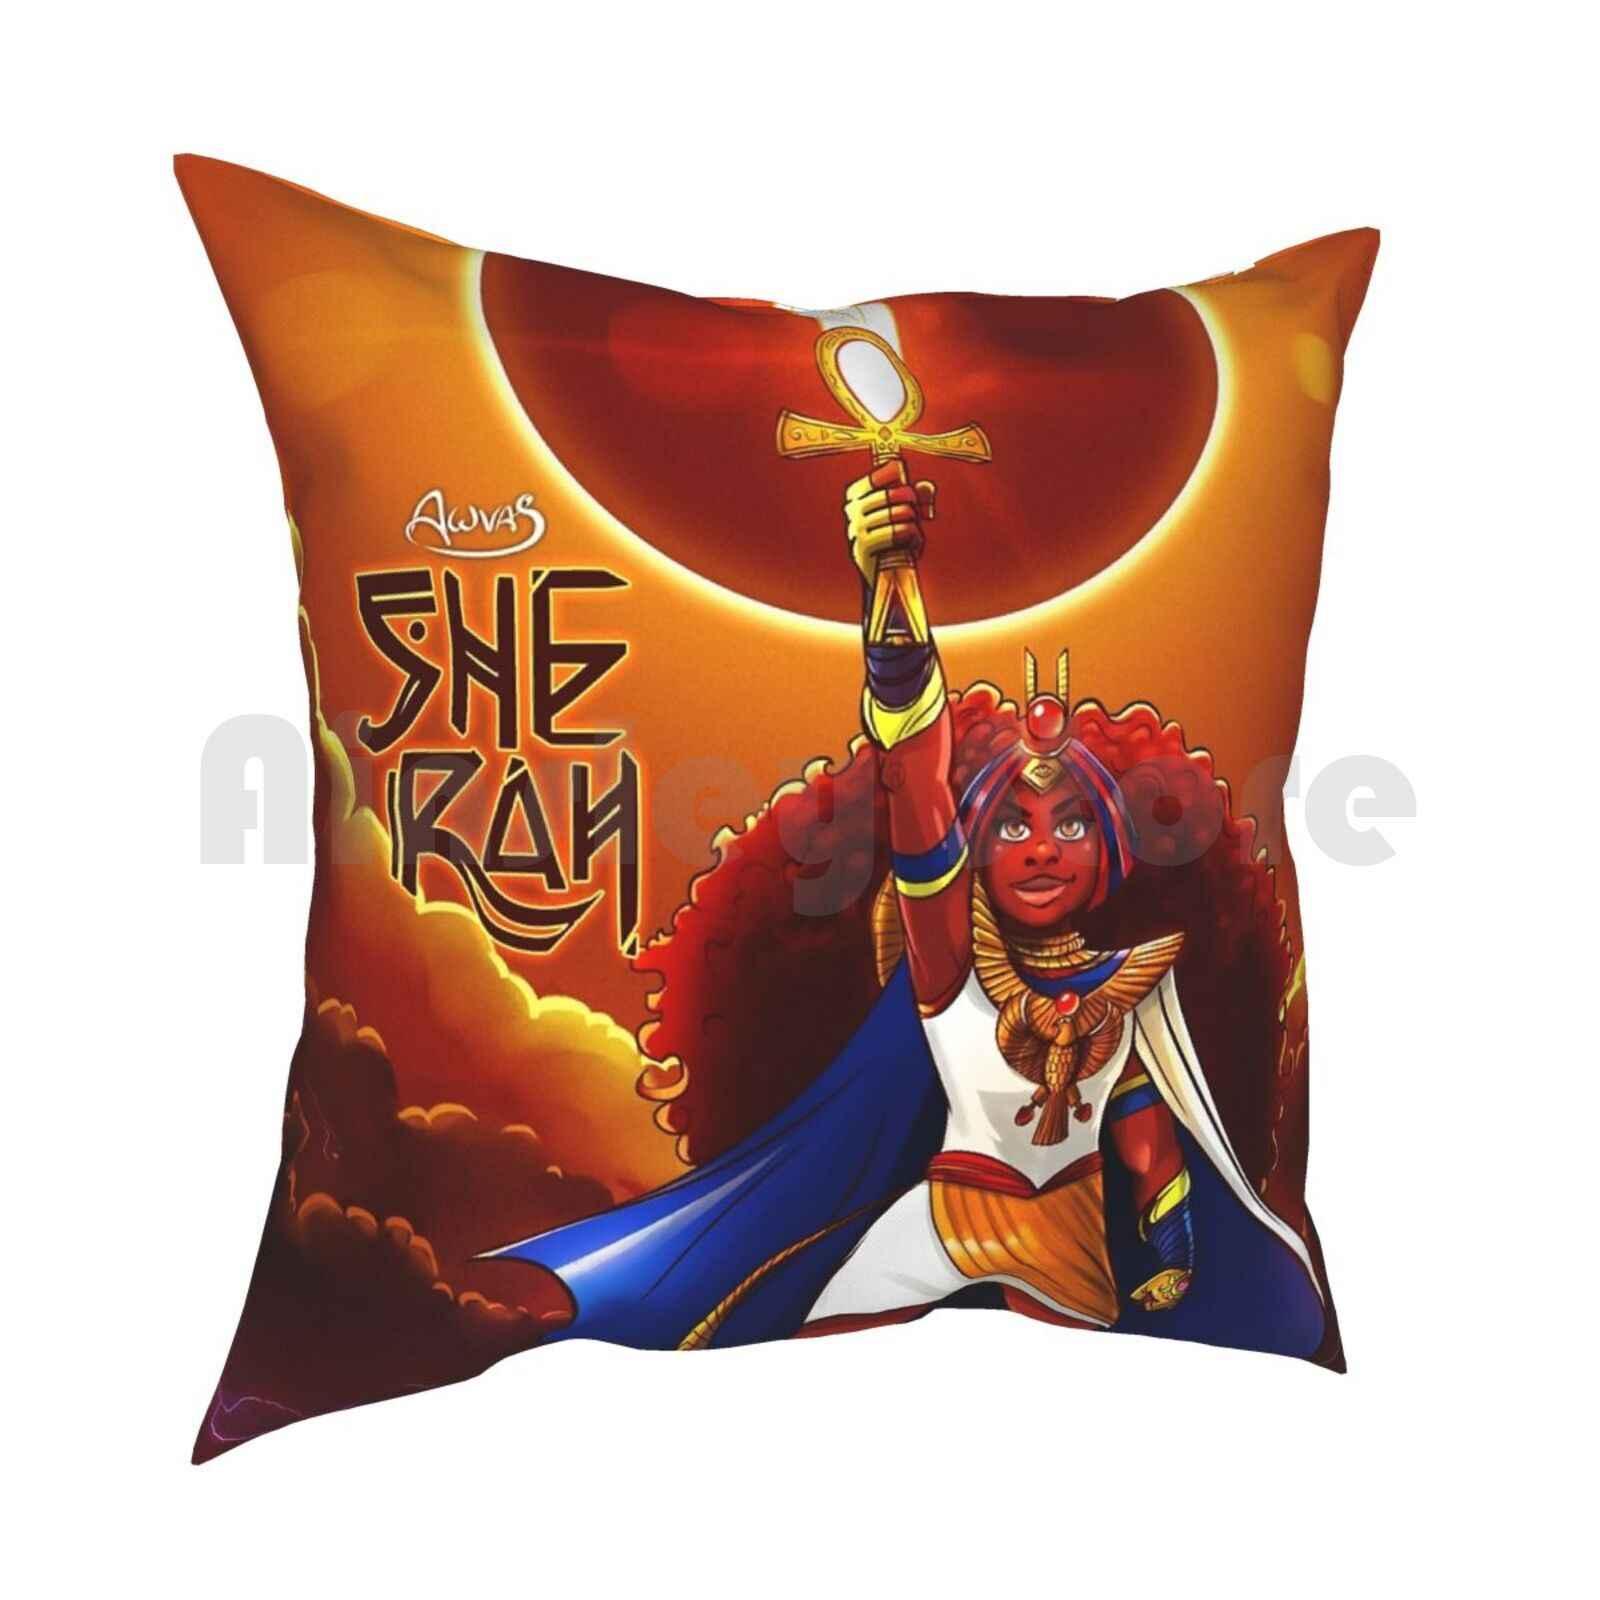 Она сиденье-rah Подушка Чехол с принтом домашняя мягкая подушка DIY крышка Afrofuturism Фэнтези девочка Мощность для девочек с изображением супергероя